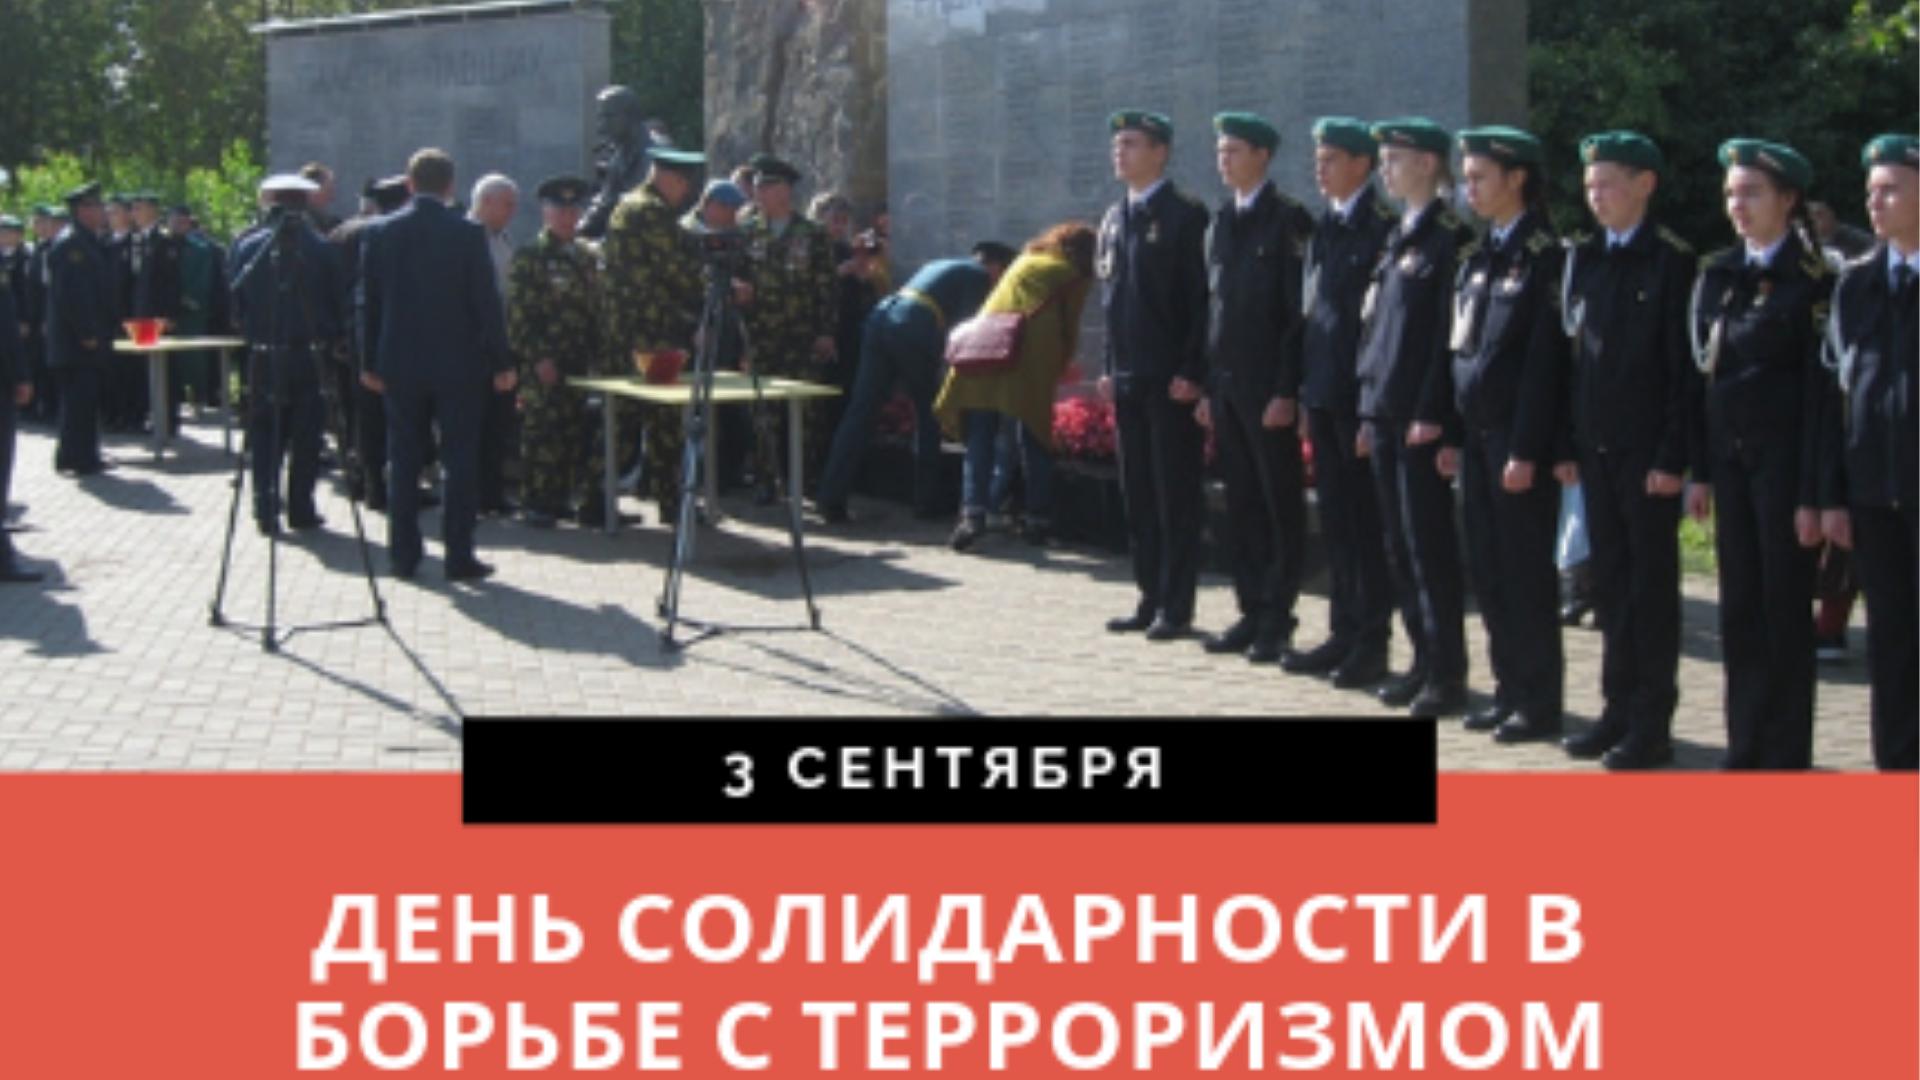 3 Сентября – день солидарности в борьбе с терроризмом